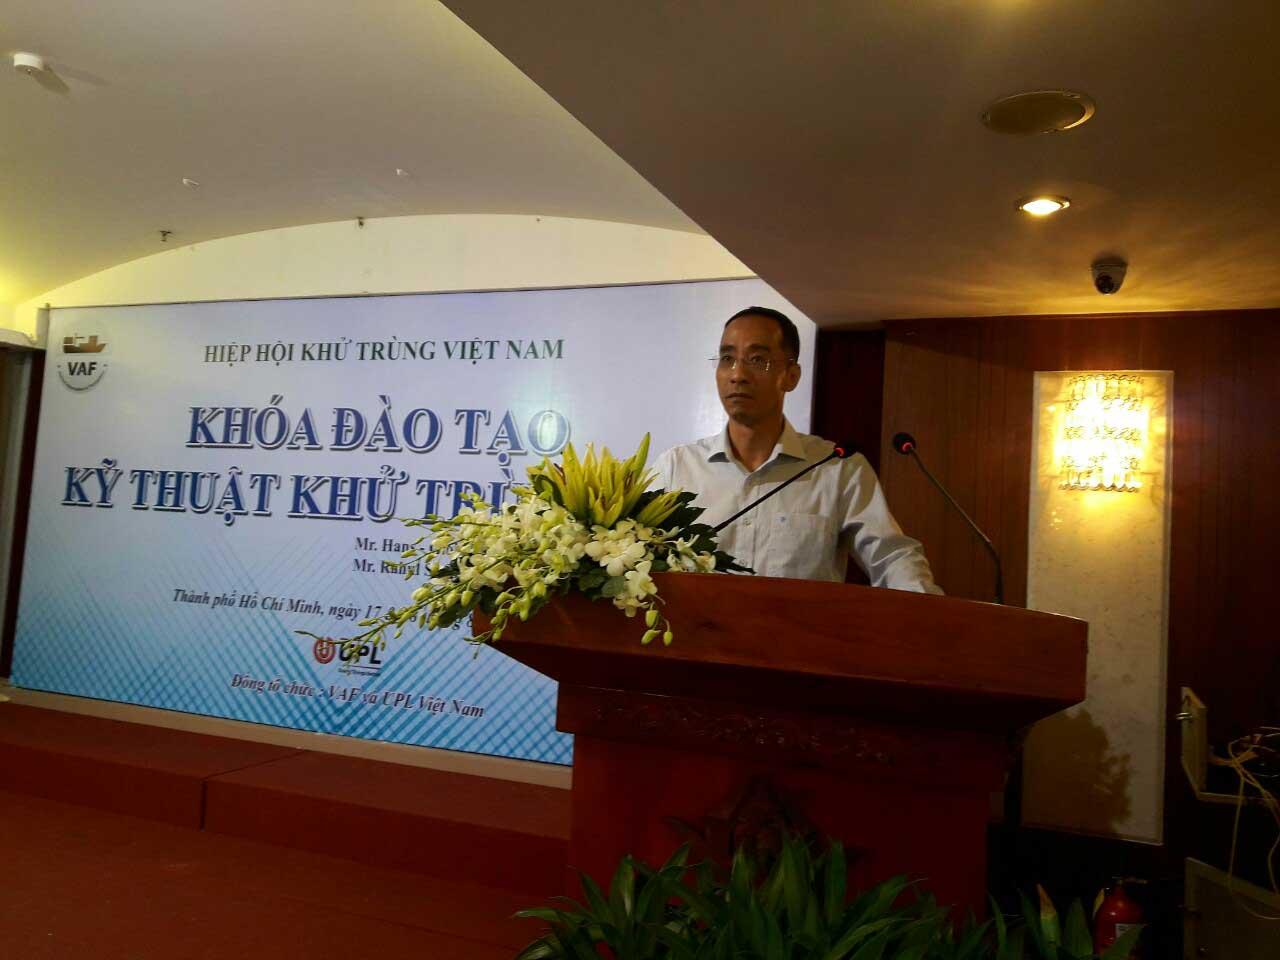 Chương trình đào tạo đầu tiên của Hiệp hội khử trùng Việt Nam thành công hơn mong đợi 1